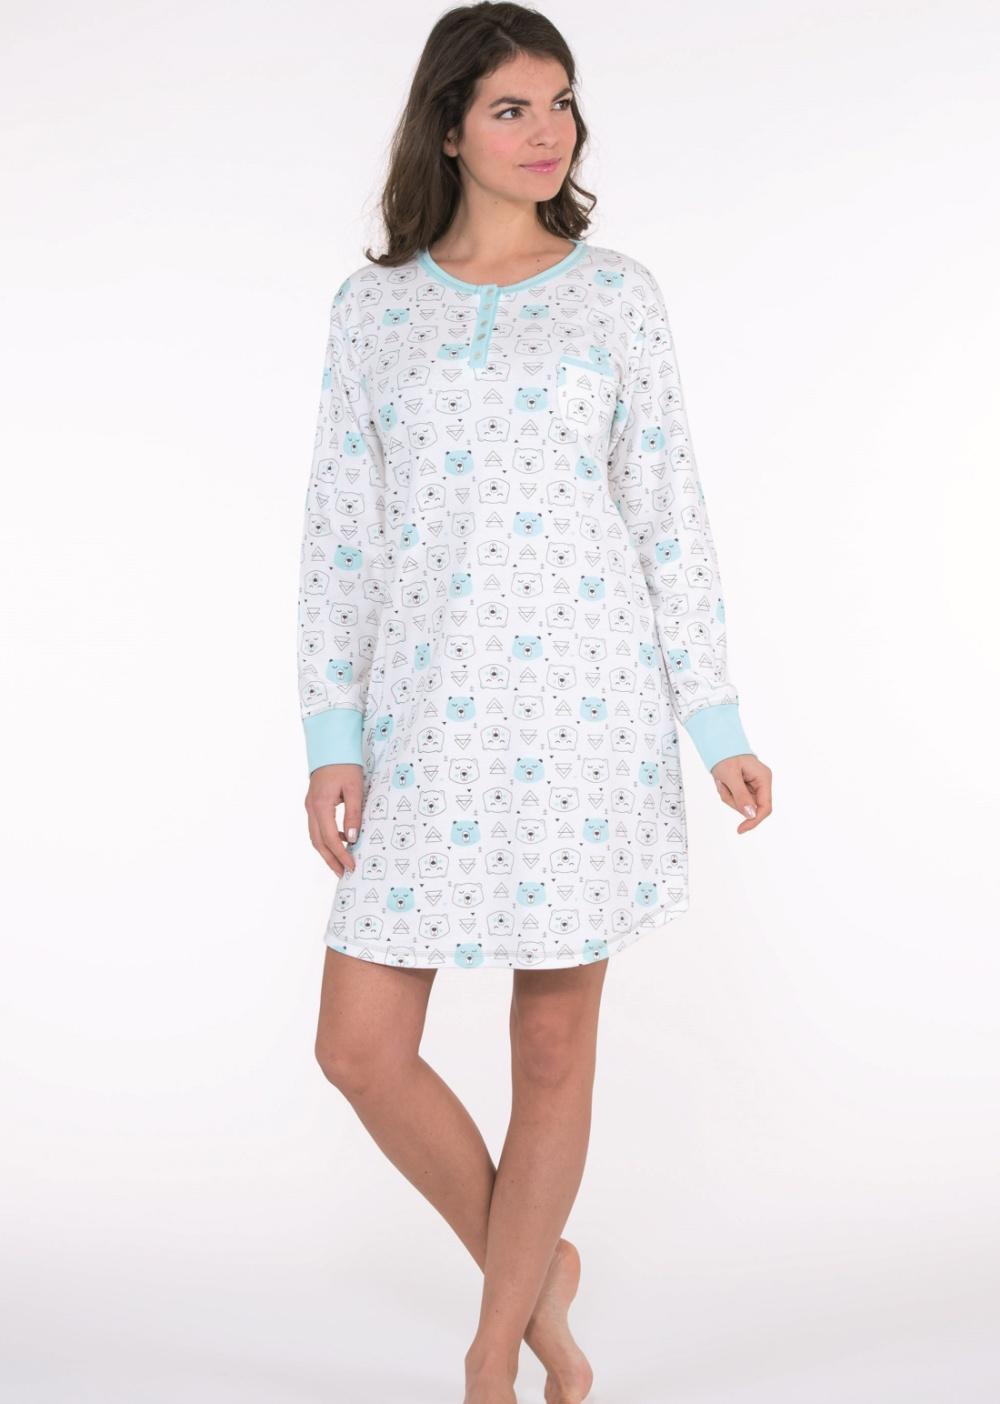 Noční košilka CTM ARTIC.LML modrý vzor L Krémová